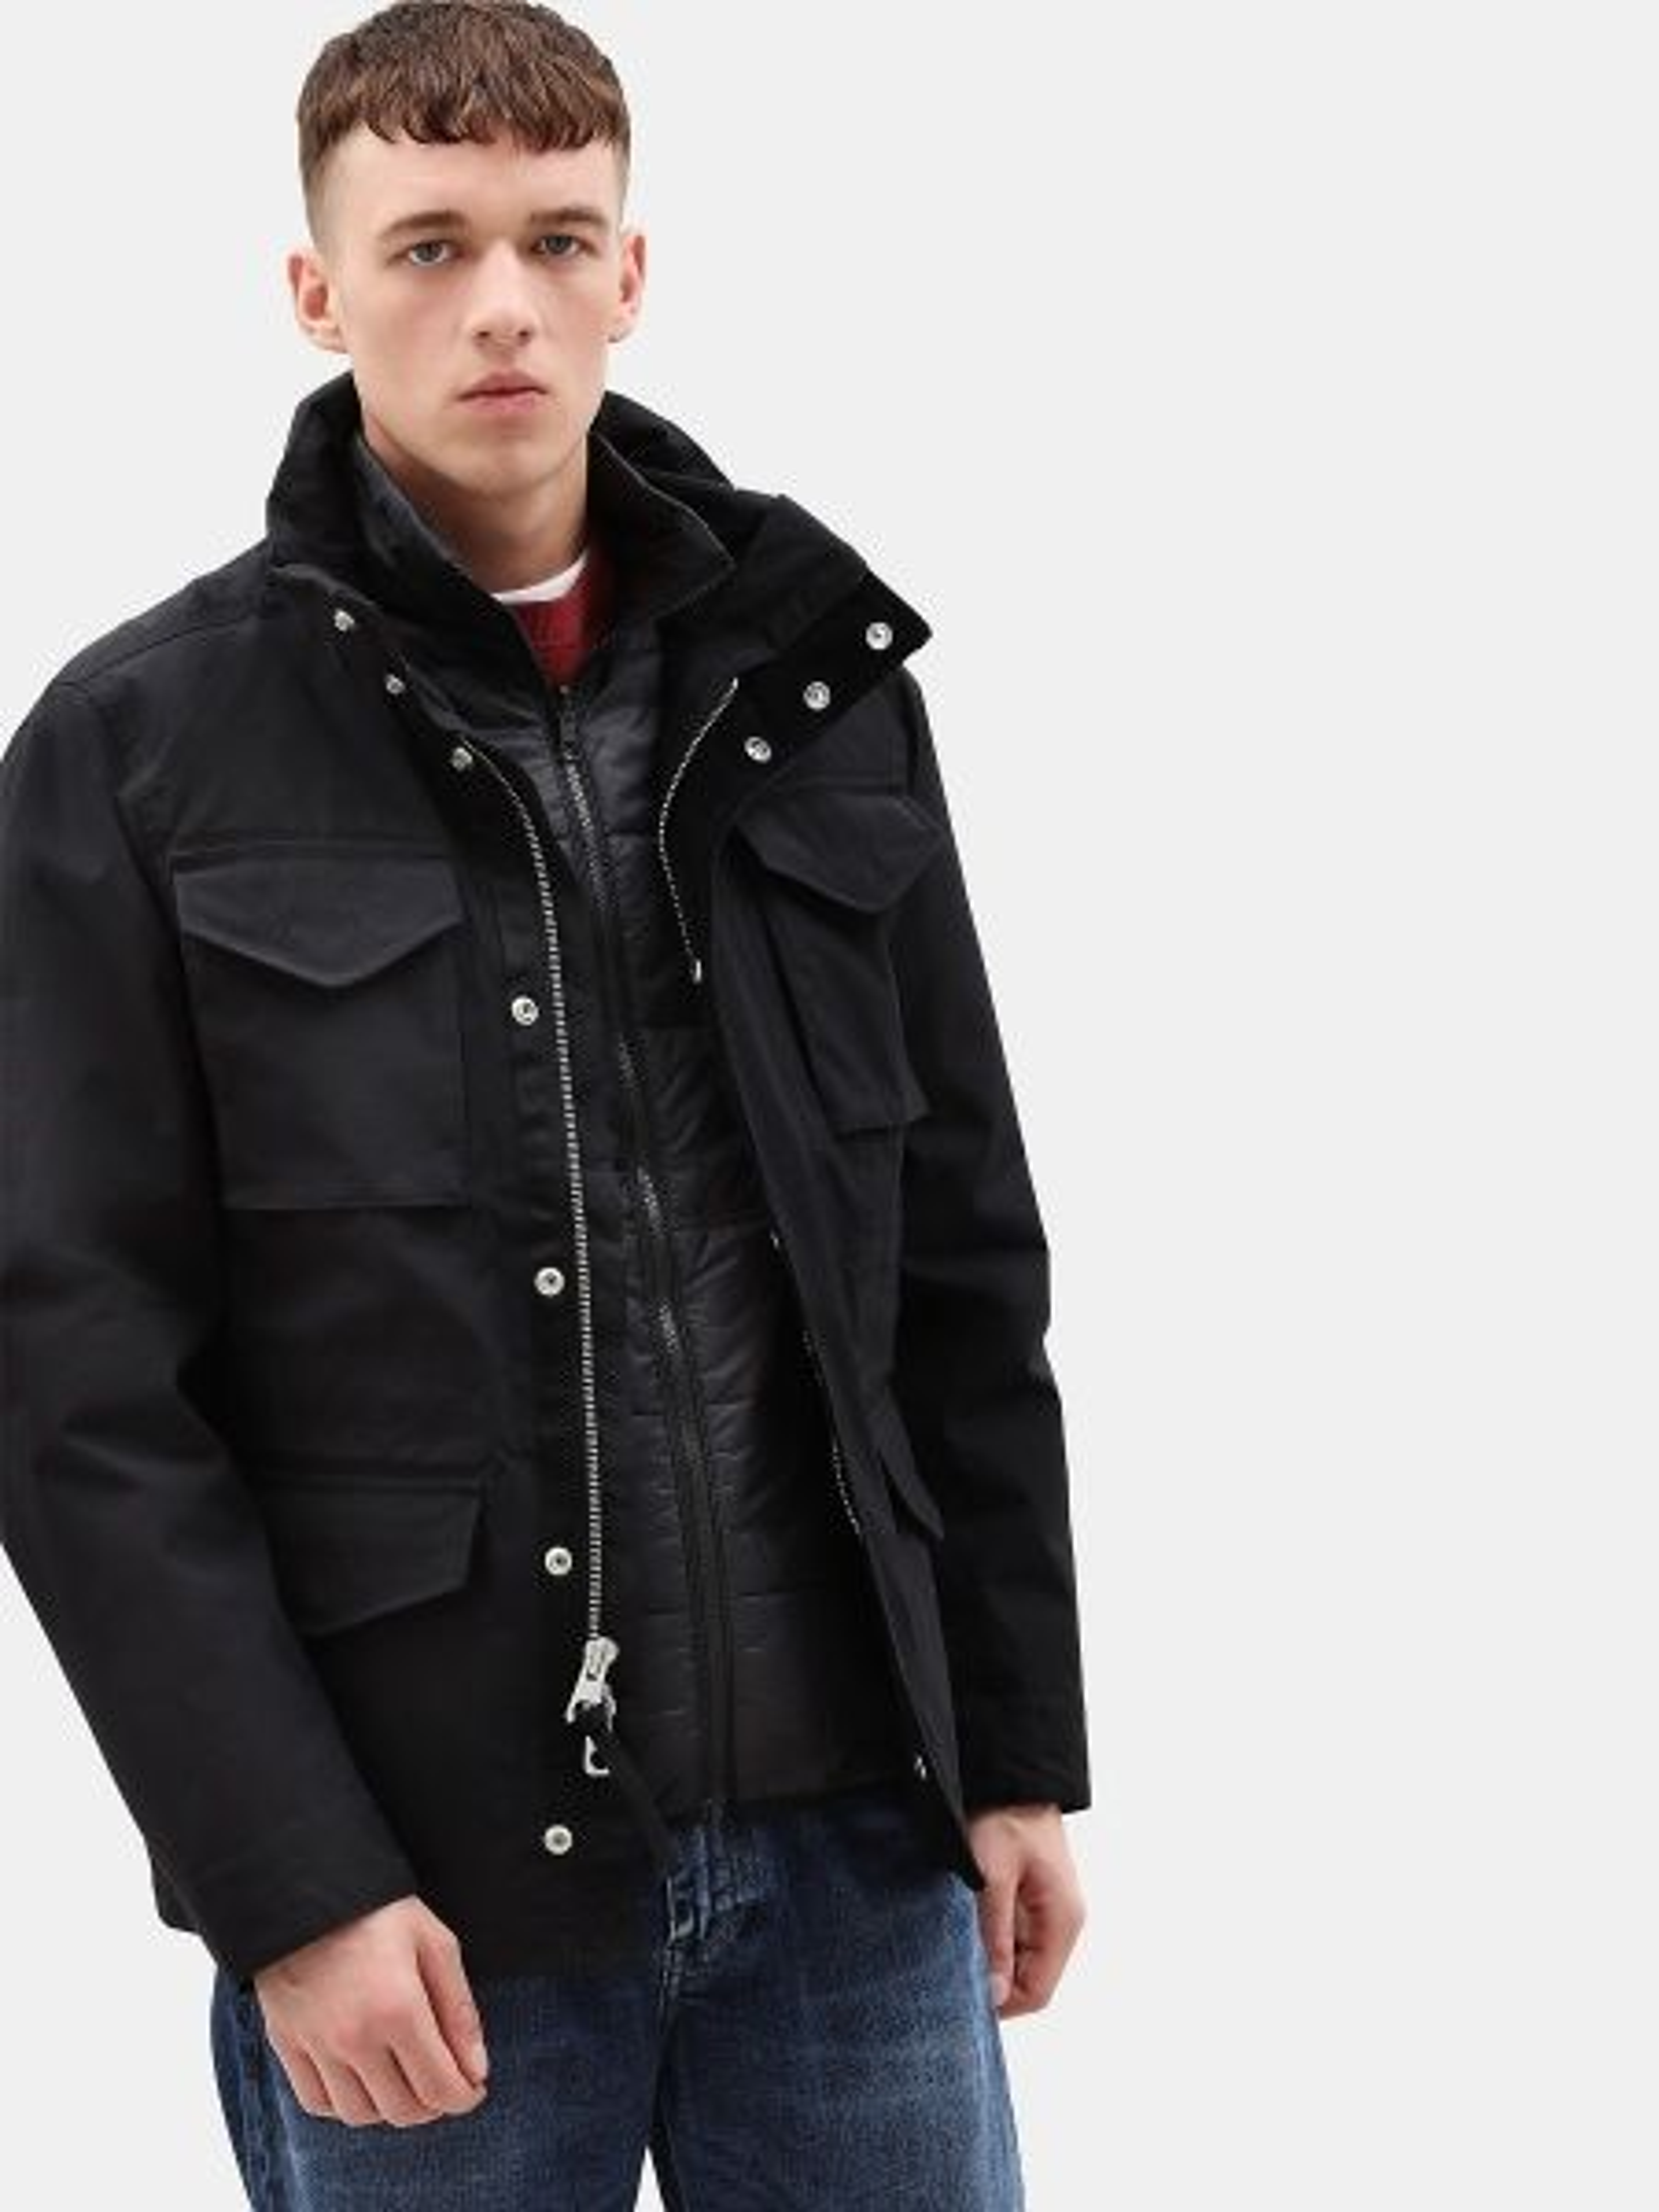 Куртка чоловіча Timberland модель TB0A1WTM001 - фото